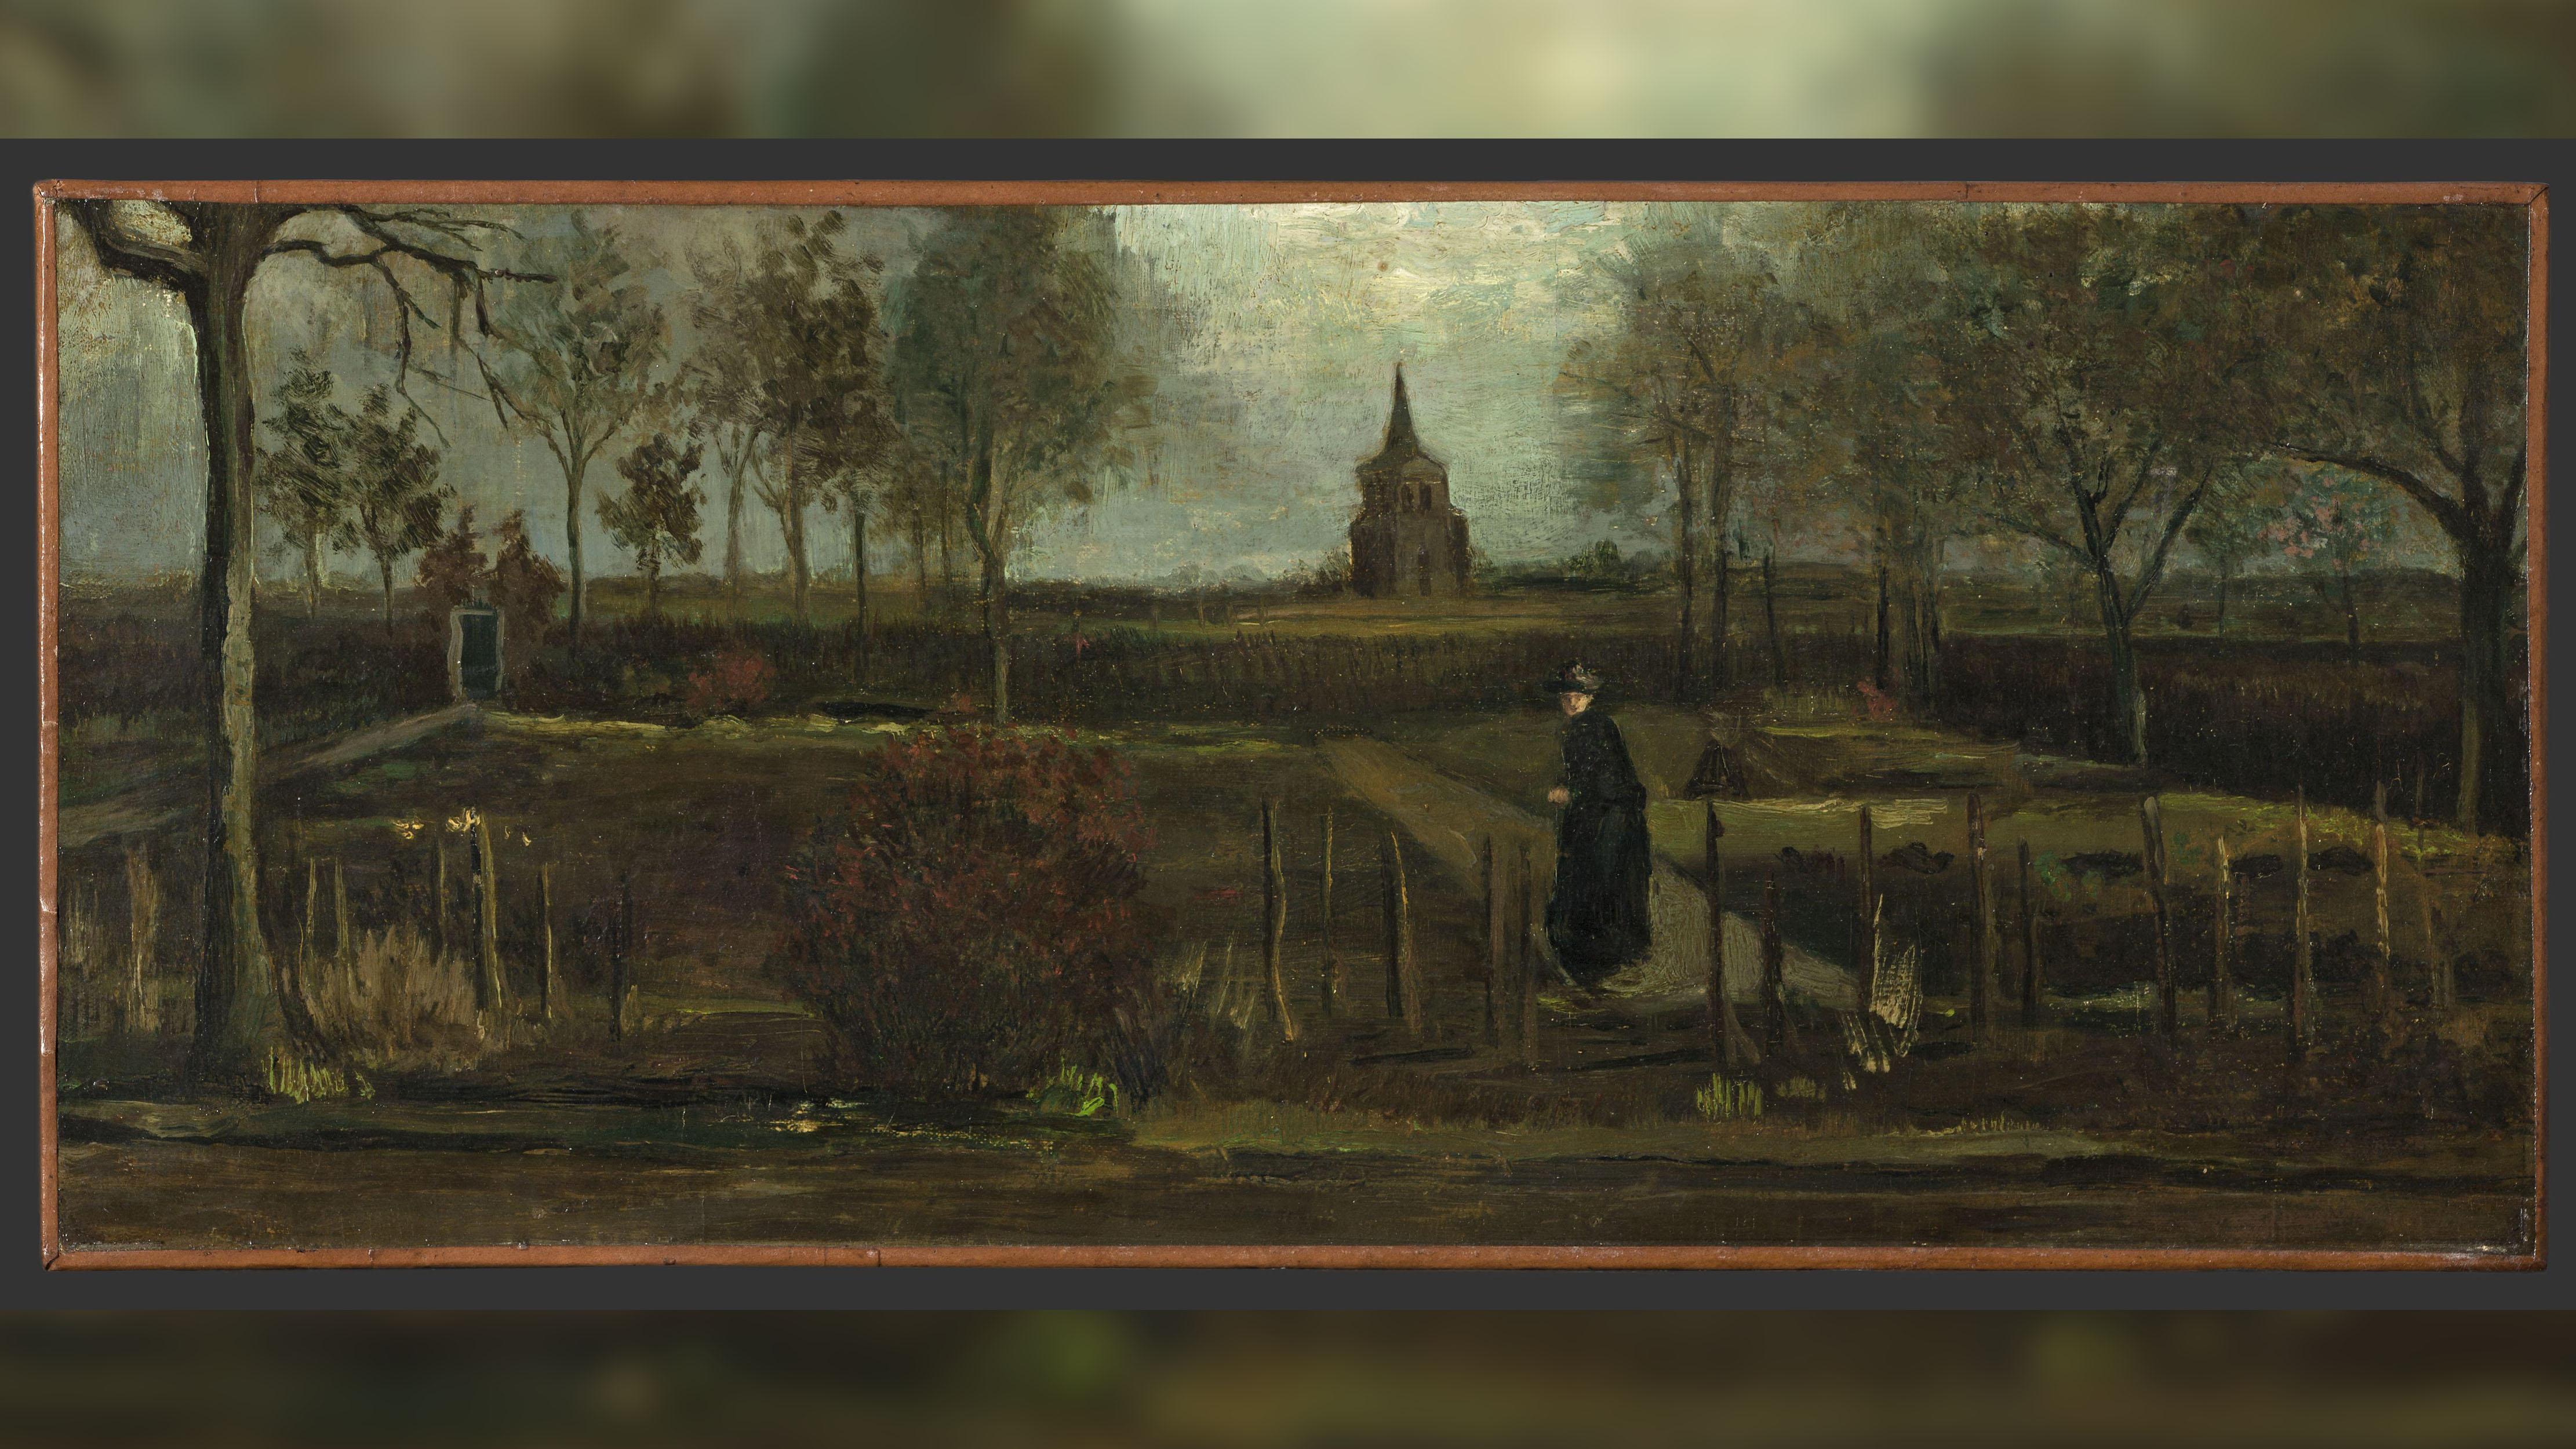 En mars 2020, au cours de cette peinture de Van Gogh a été volée dans un musée néerlandais lors d'un verrouillage de Covid-19.  Vincent van Gogh, The Parsonage Garden at Nuenen in Spring, 1884, Groninger Museum, prêt de la municipalité de Groningen.